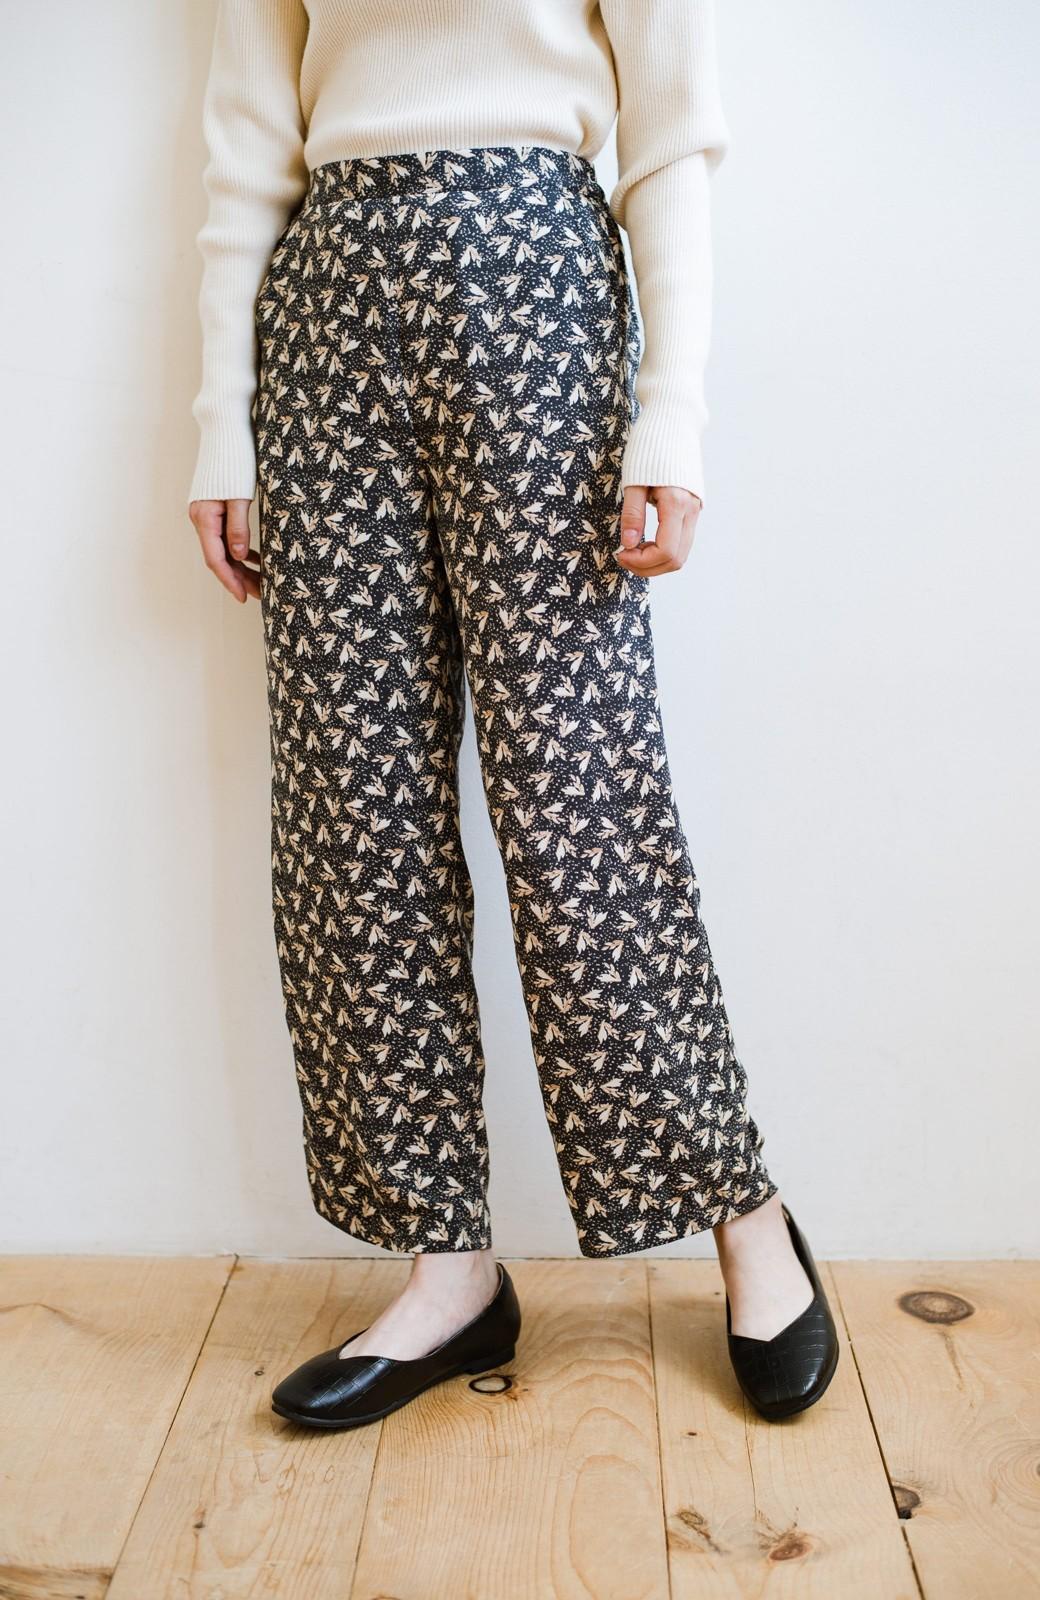 haco! 1枚でも重ね着でもパッと着映えする すっきりシルエットの大人の柄パンツ <ネイビー>の商品写真4